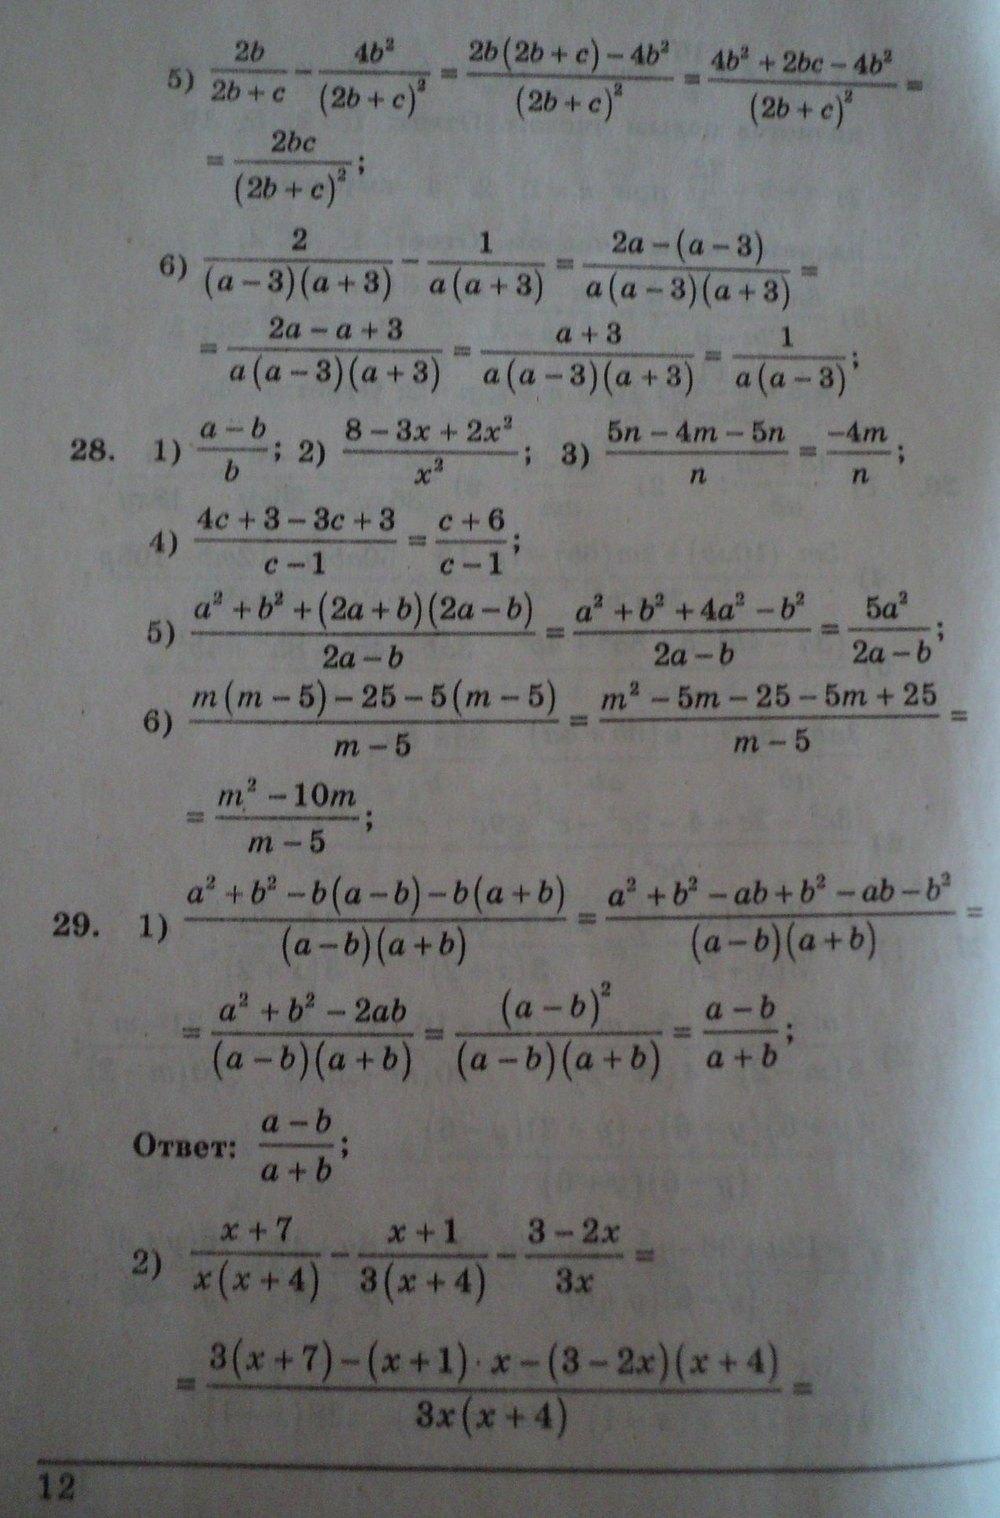 ГДЗ по алгебре 8 класс Щербань П.. Задание: стр. 12